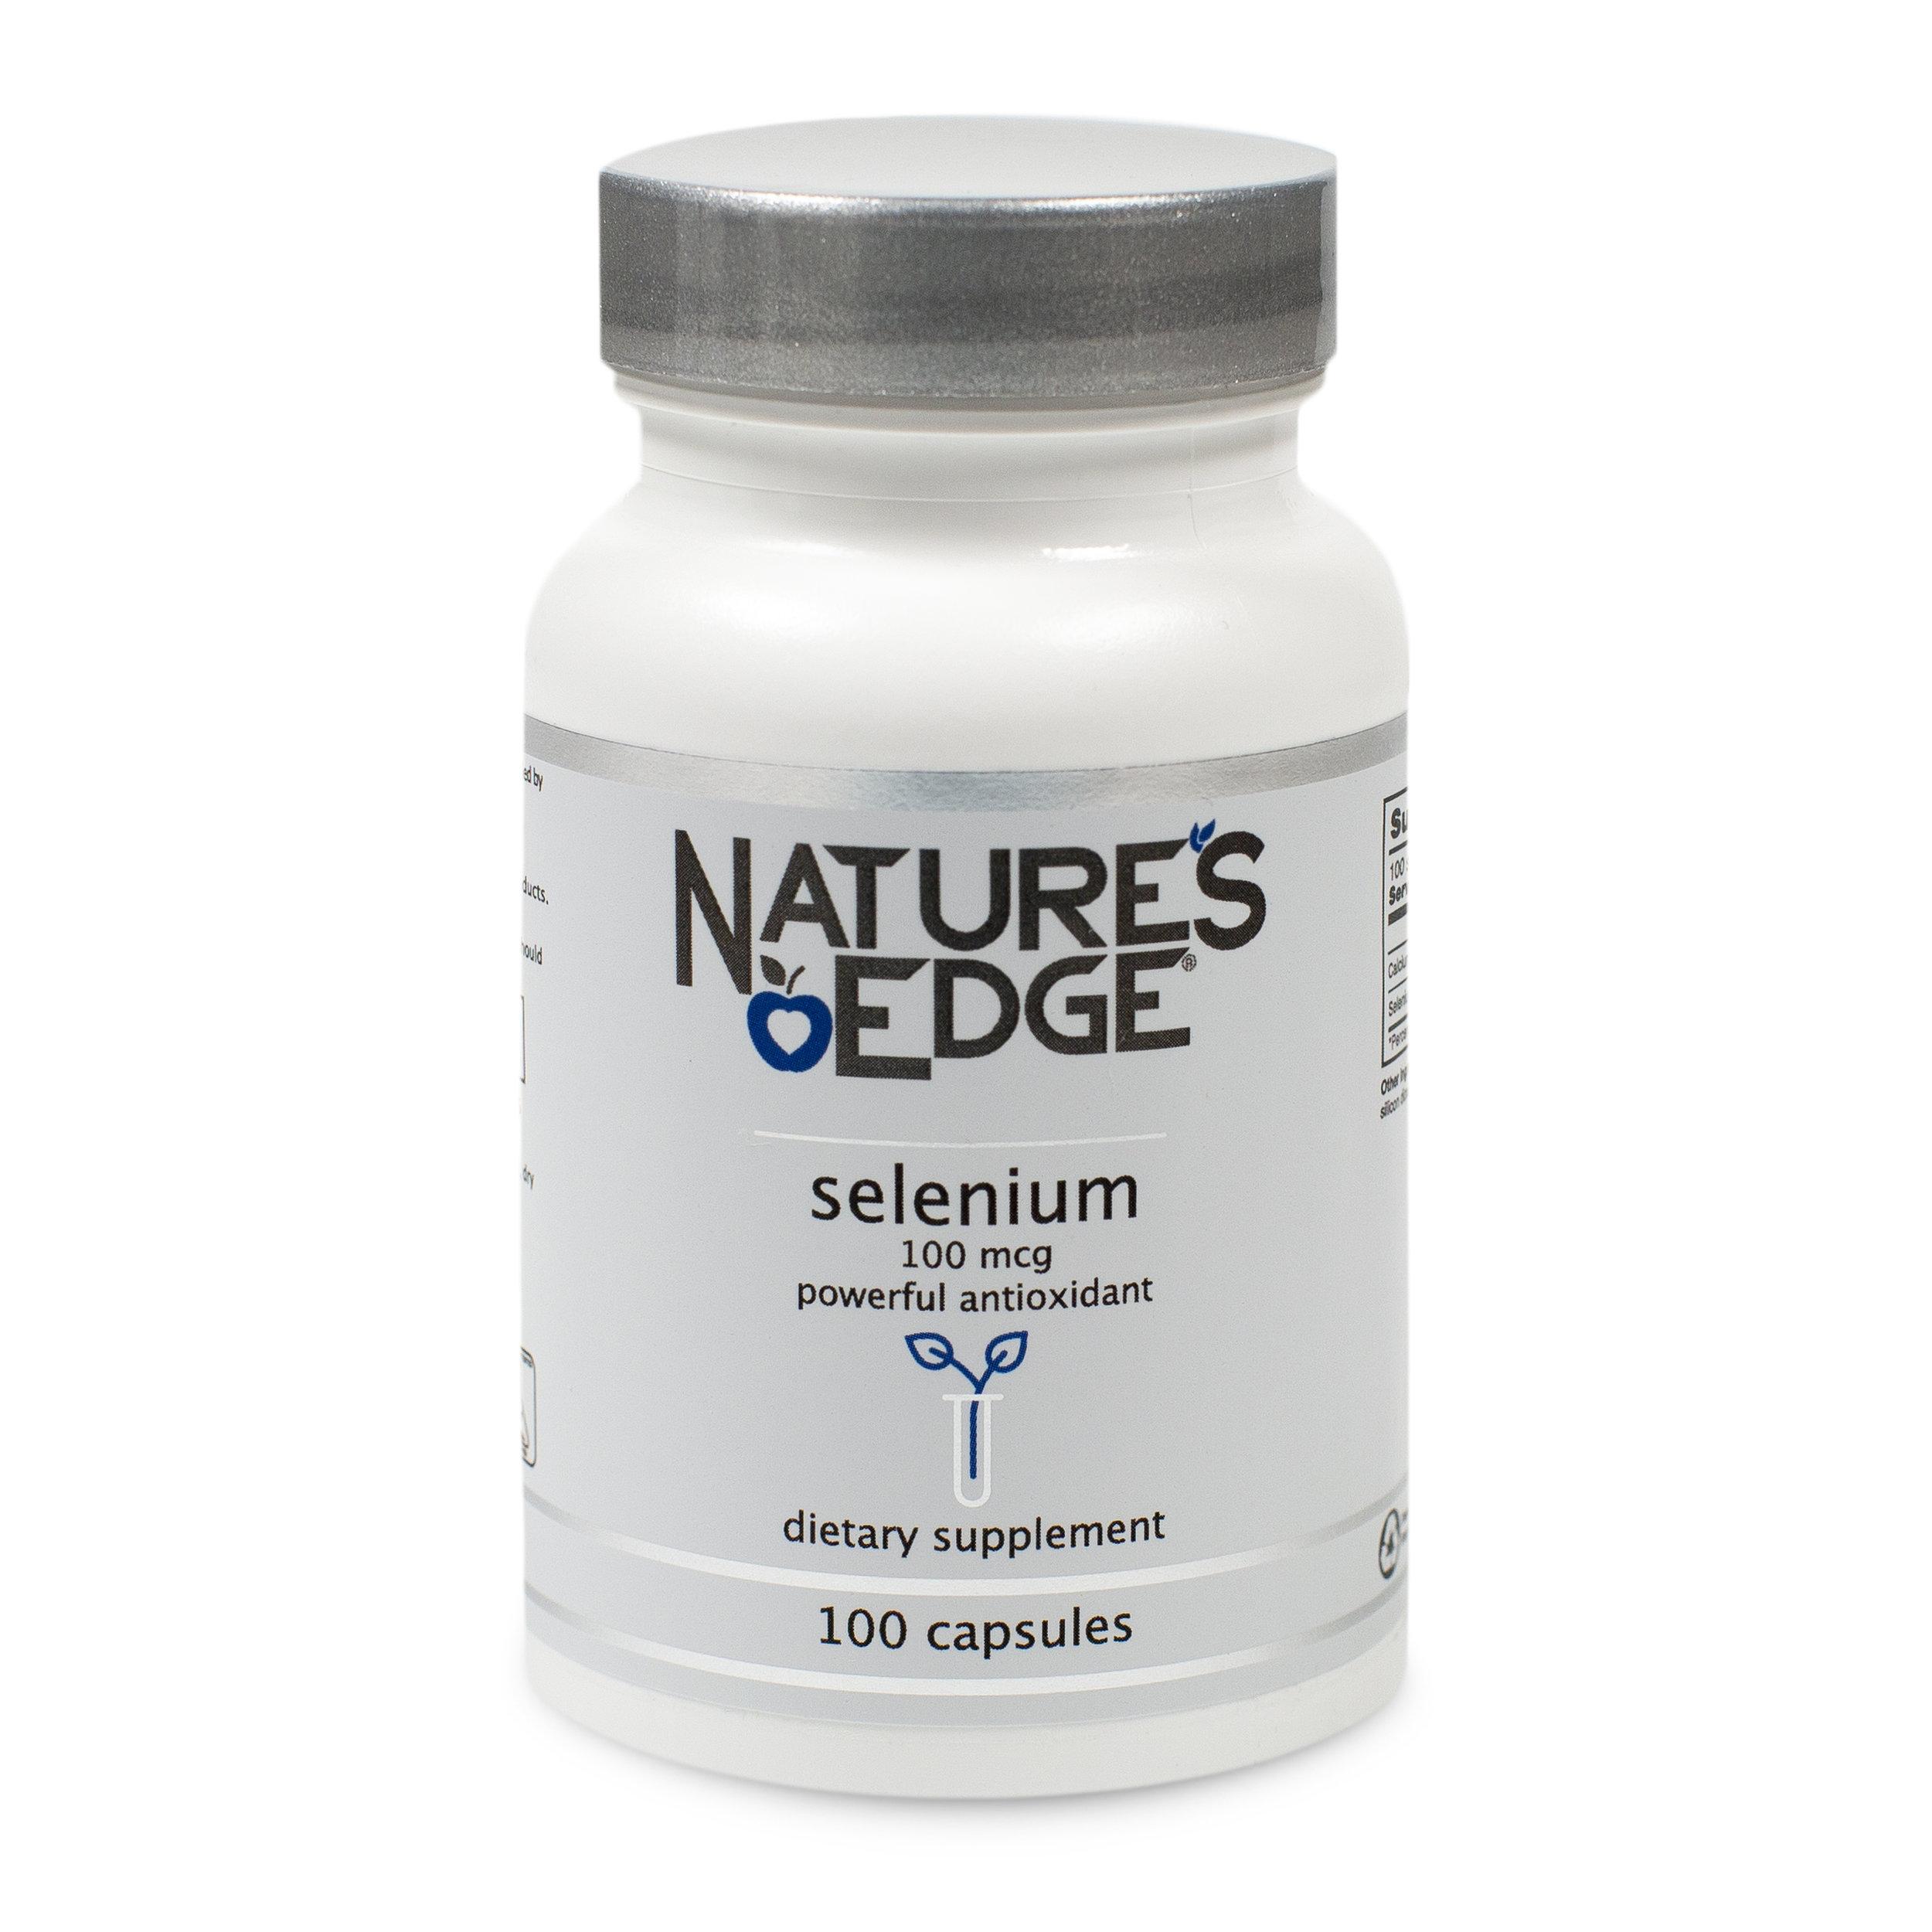 NaturesEdge_3000px_Selenium_1.jpg